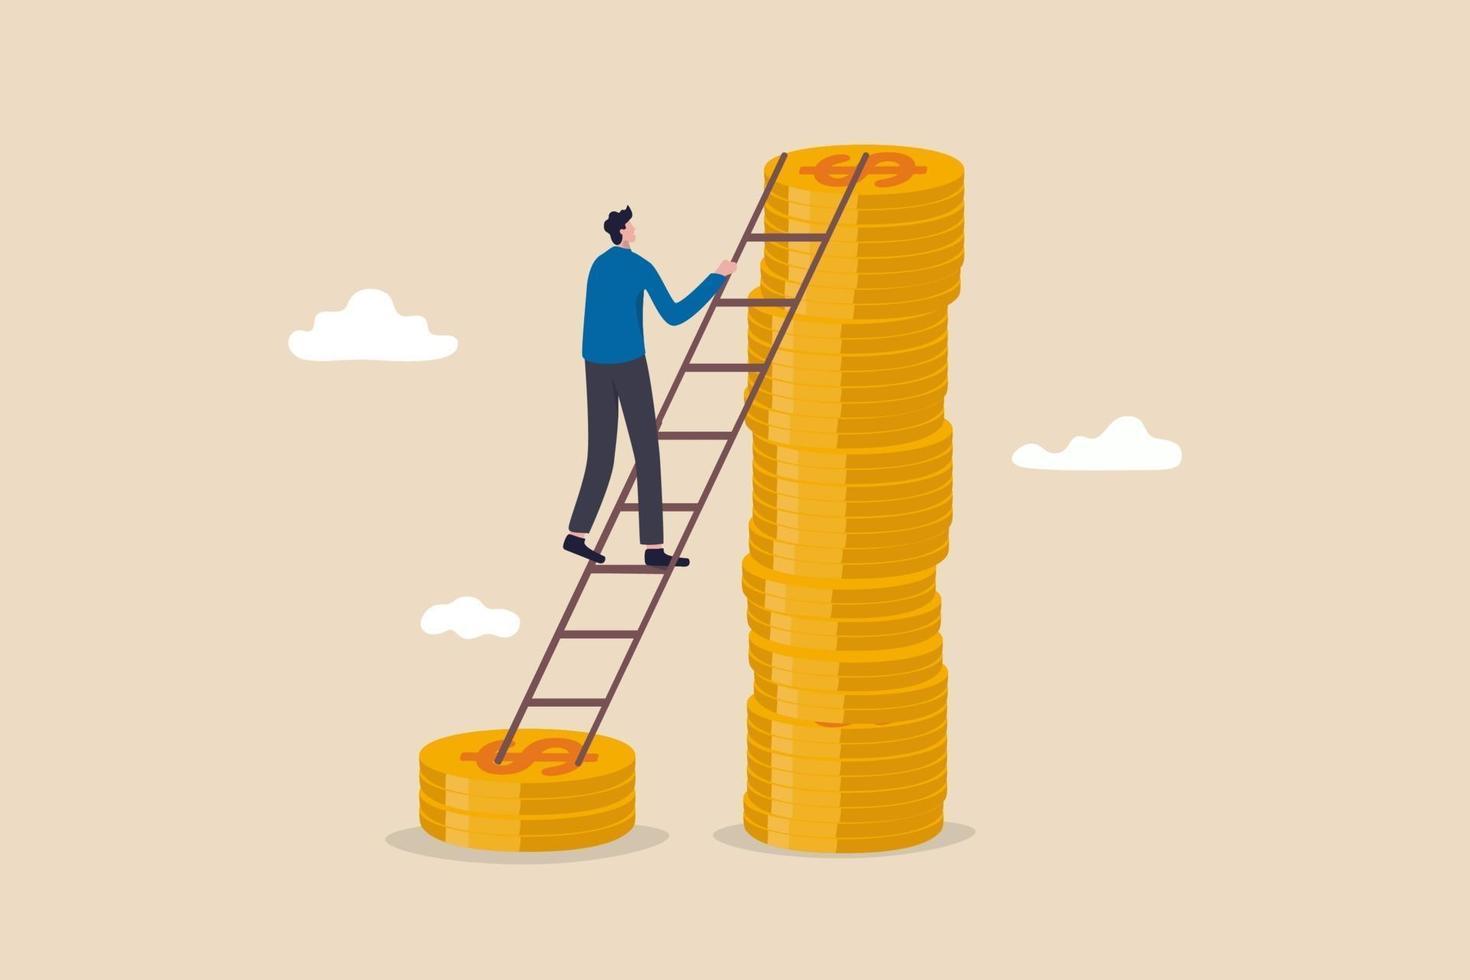 salario, reddito o aumento di stipendio, profitti degli investimenti in aumento, gestione patrimoniale per un concetto di rendimento più elevato, investitore uomo d'affari di successo che sale la scala da una pila di soldi in dollari a quella più alta vettore